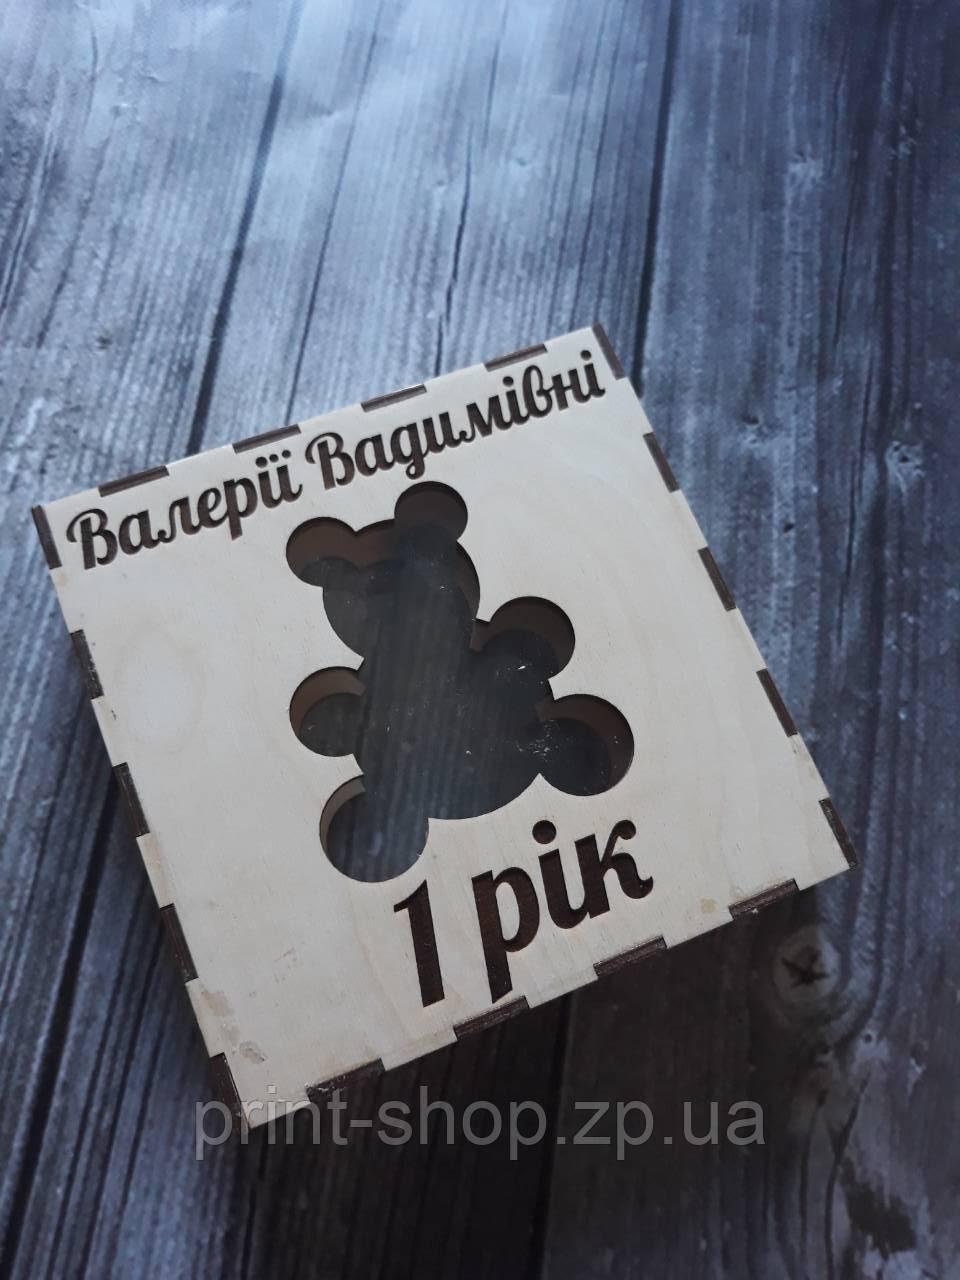 """Рамка для пісочної церемонії на рік """"Ведмедик"""". Пісочна церемонія. Пісочна рамка. Рамка для піску."""